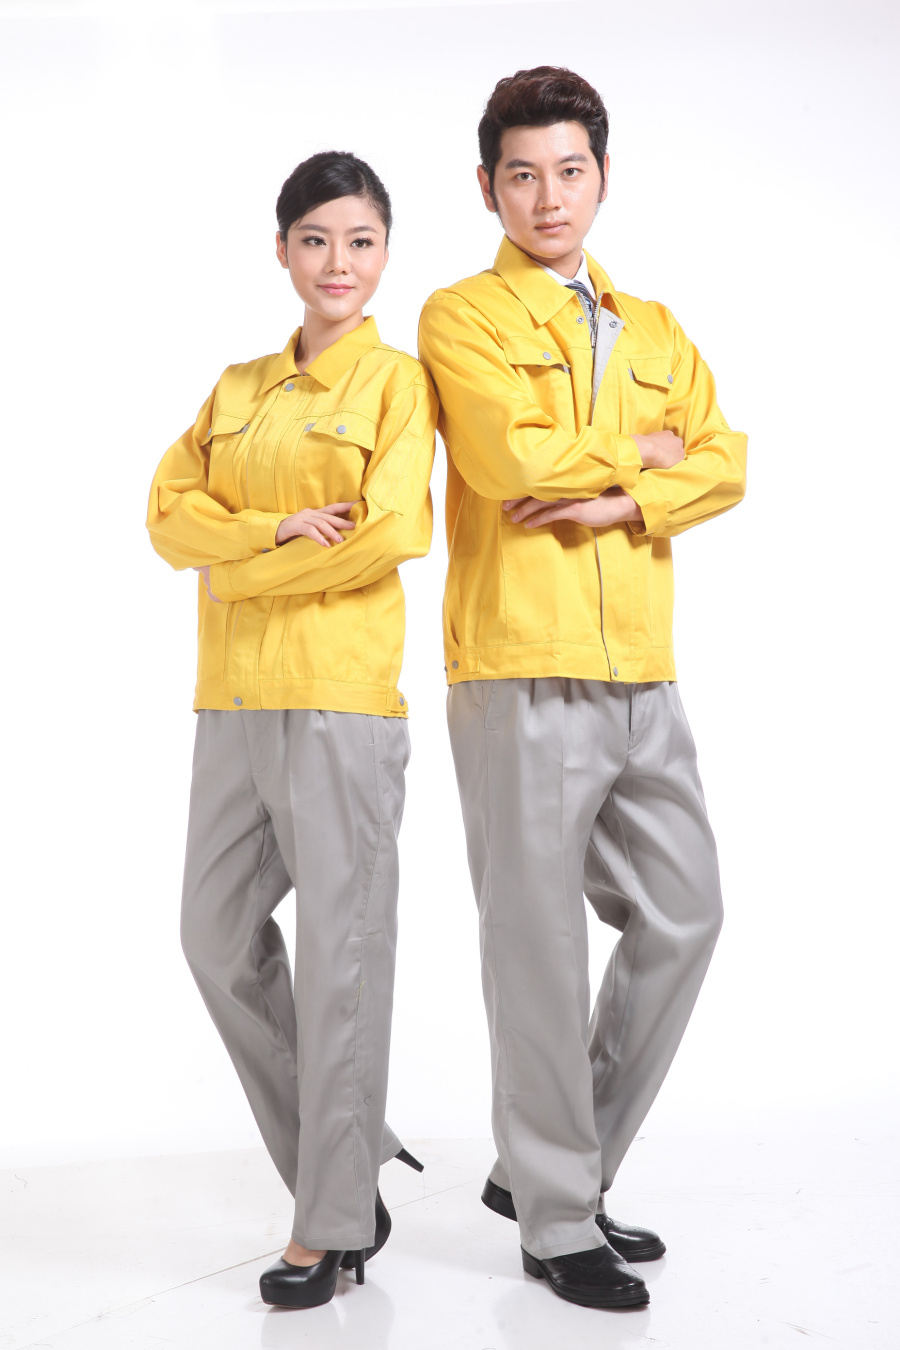 黄色春装工作服